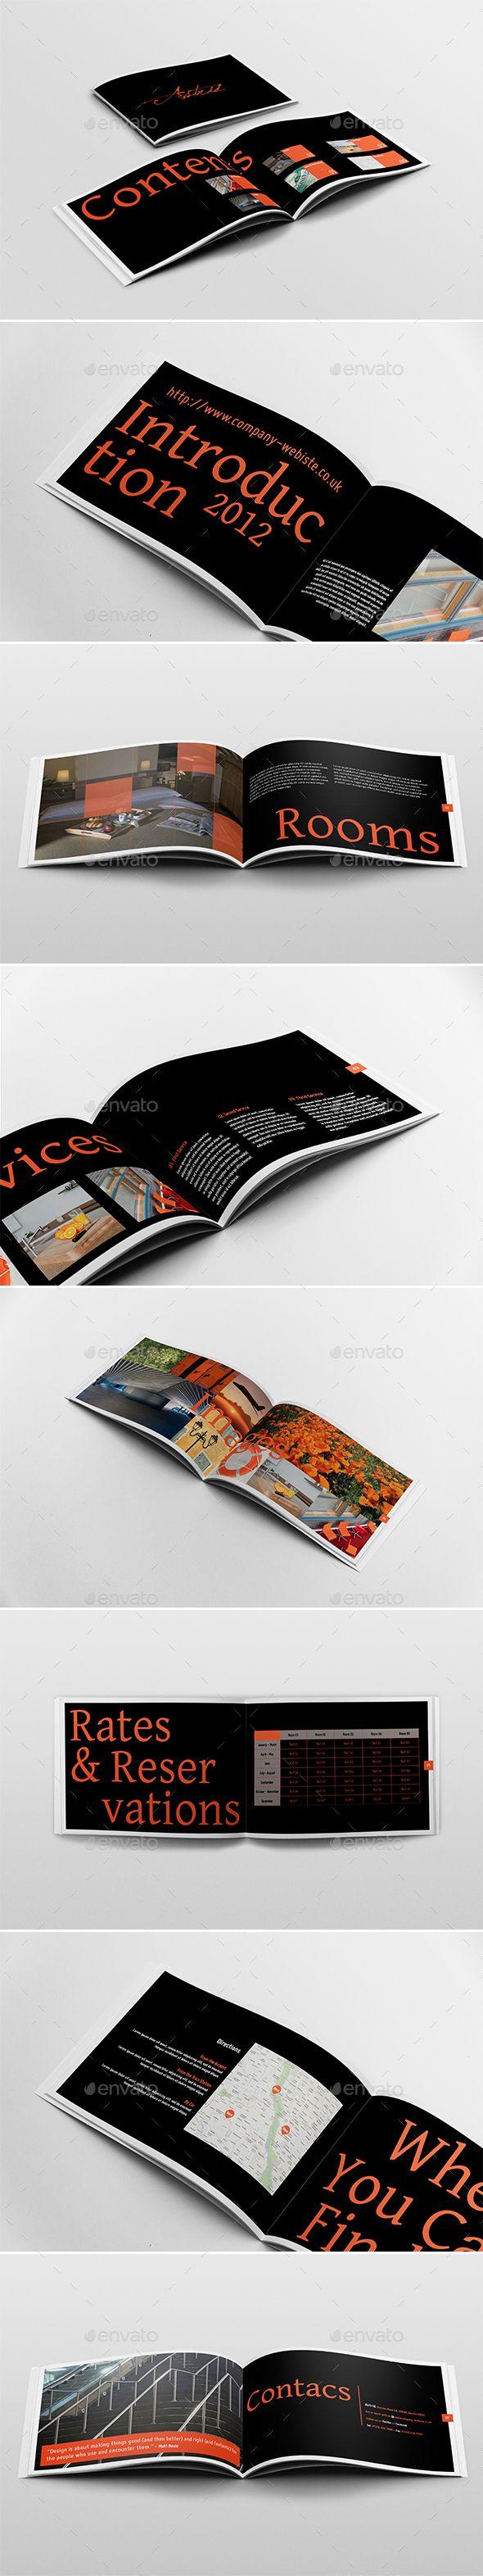 Horizontal Brochure Brochures Brochure Template And Template - Horizontal brochure template